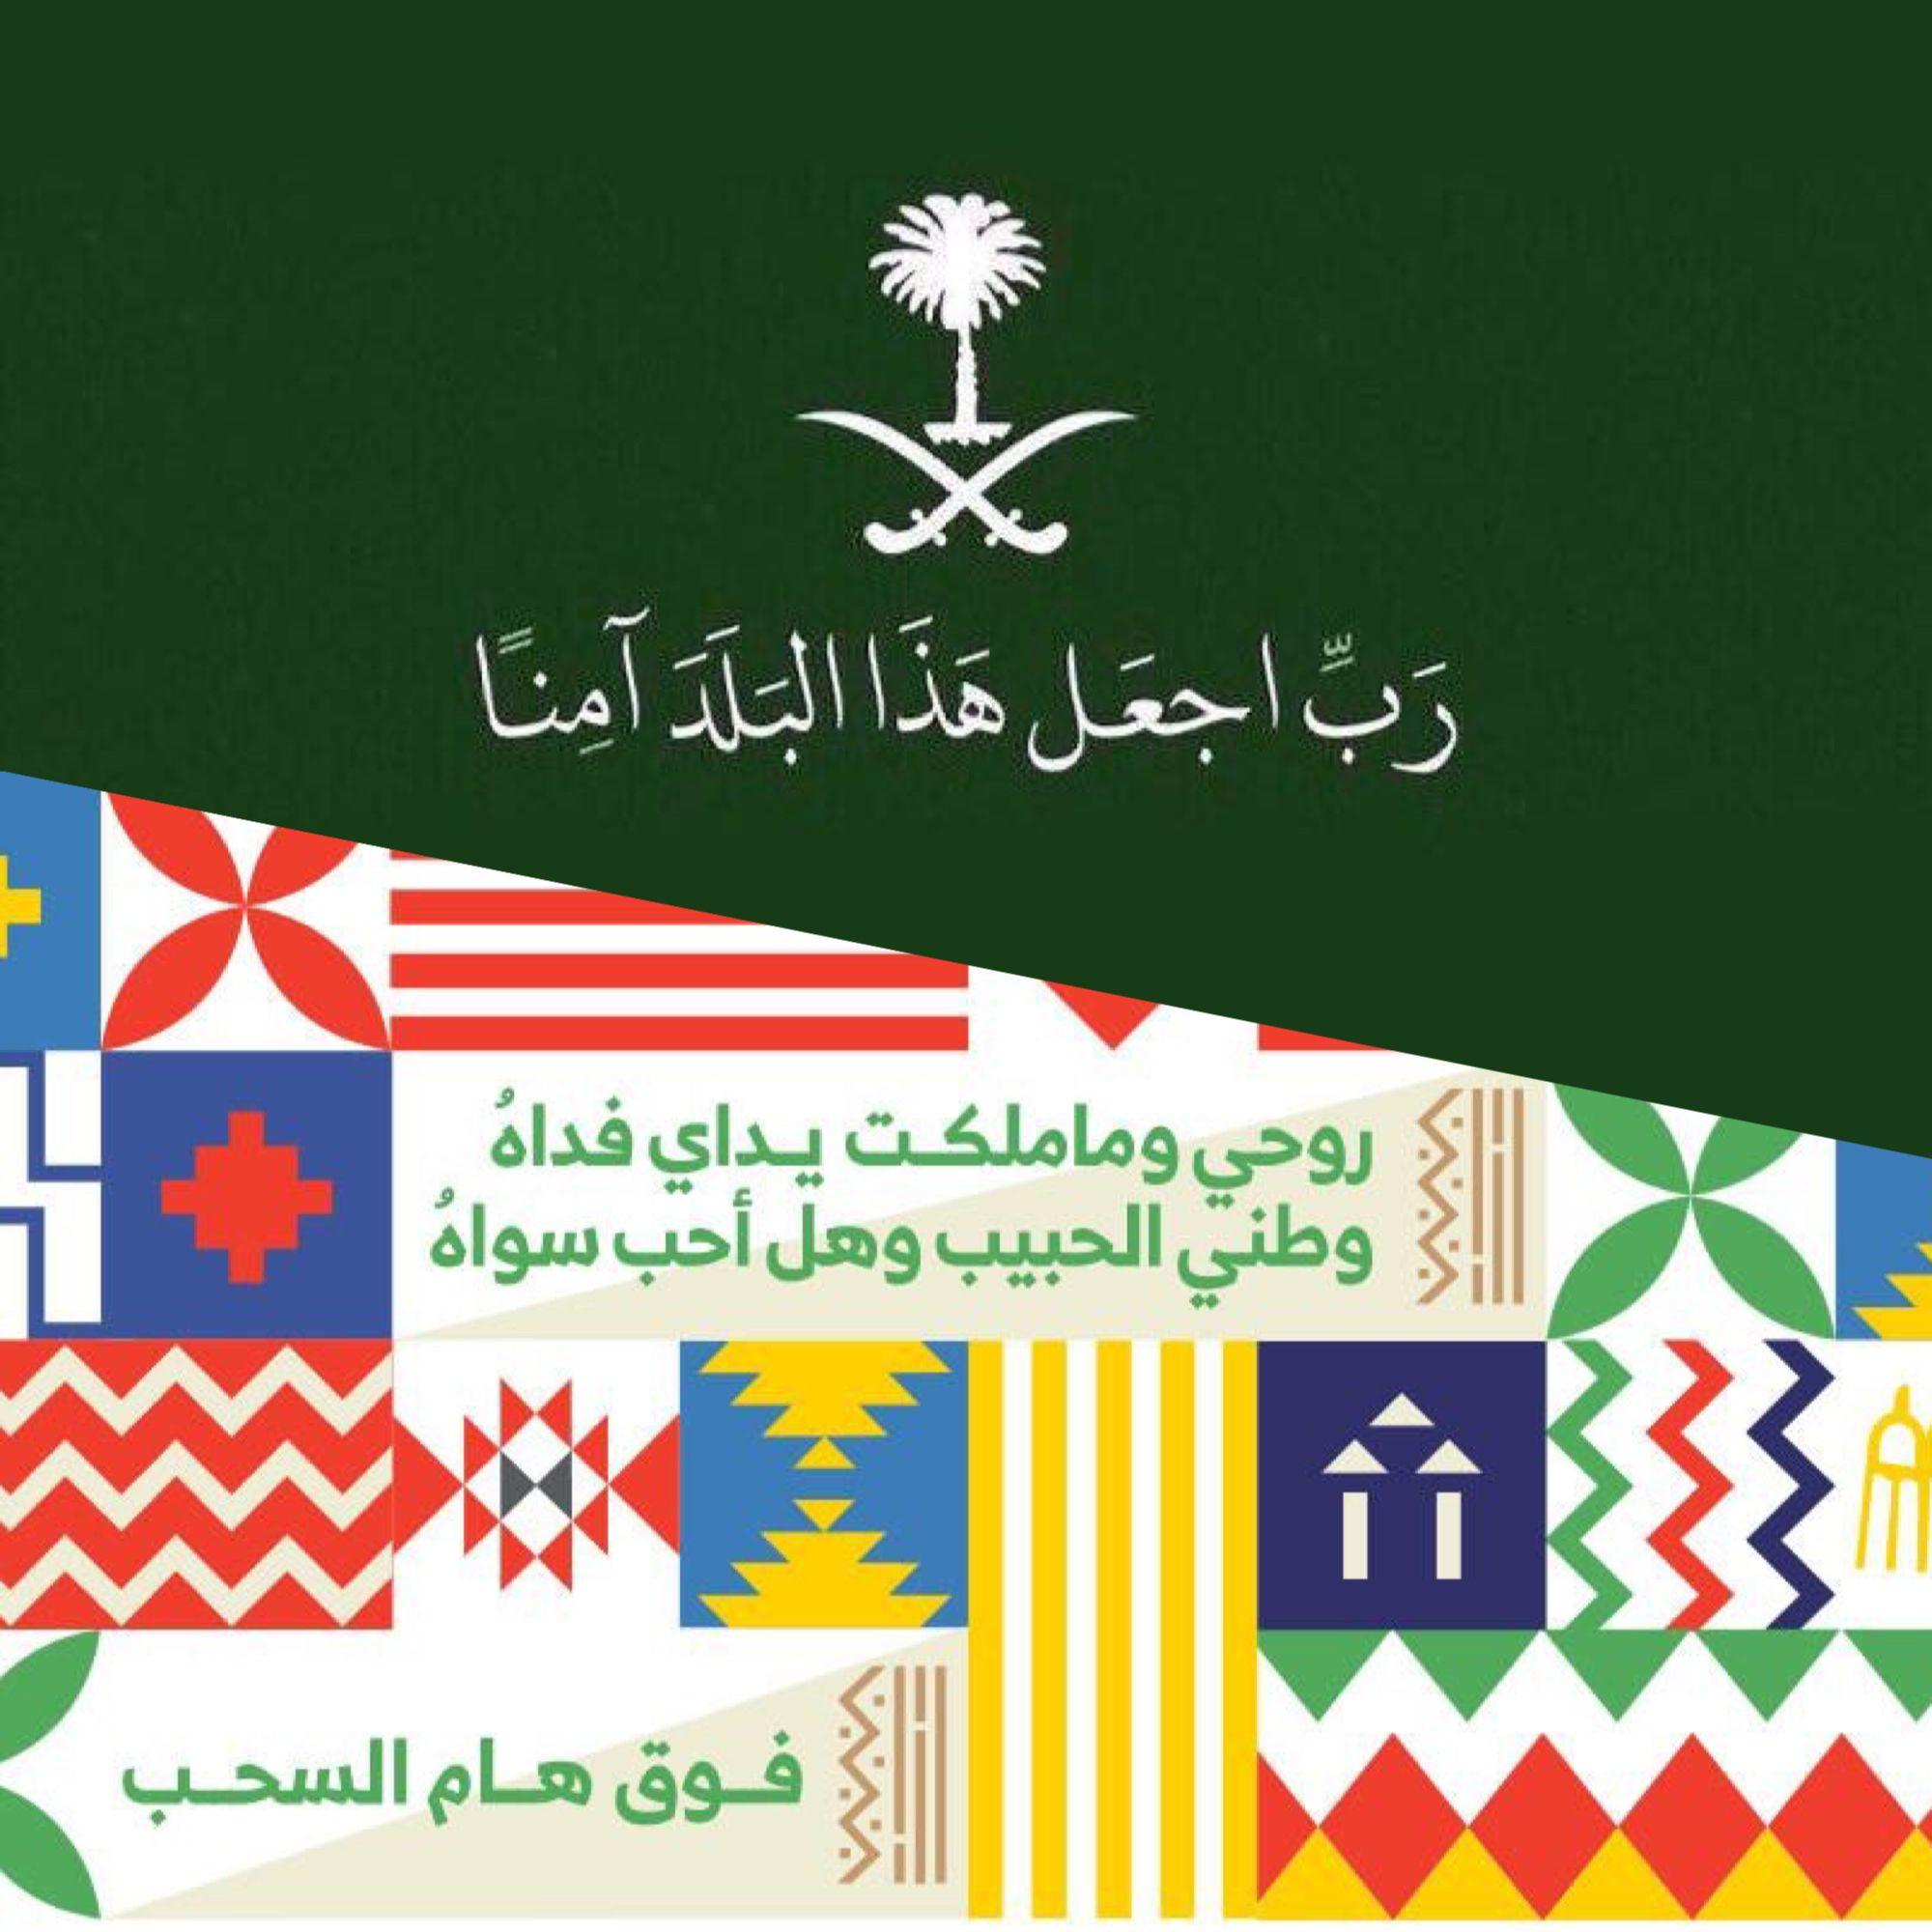 اليوم الوطني السعودي Calm Artwork Cards Artwork